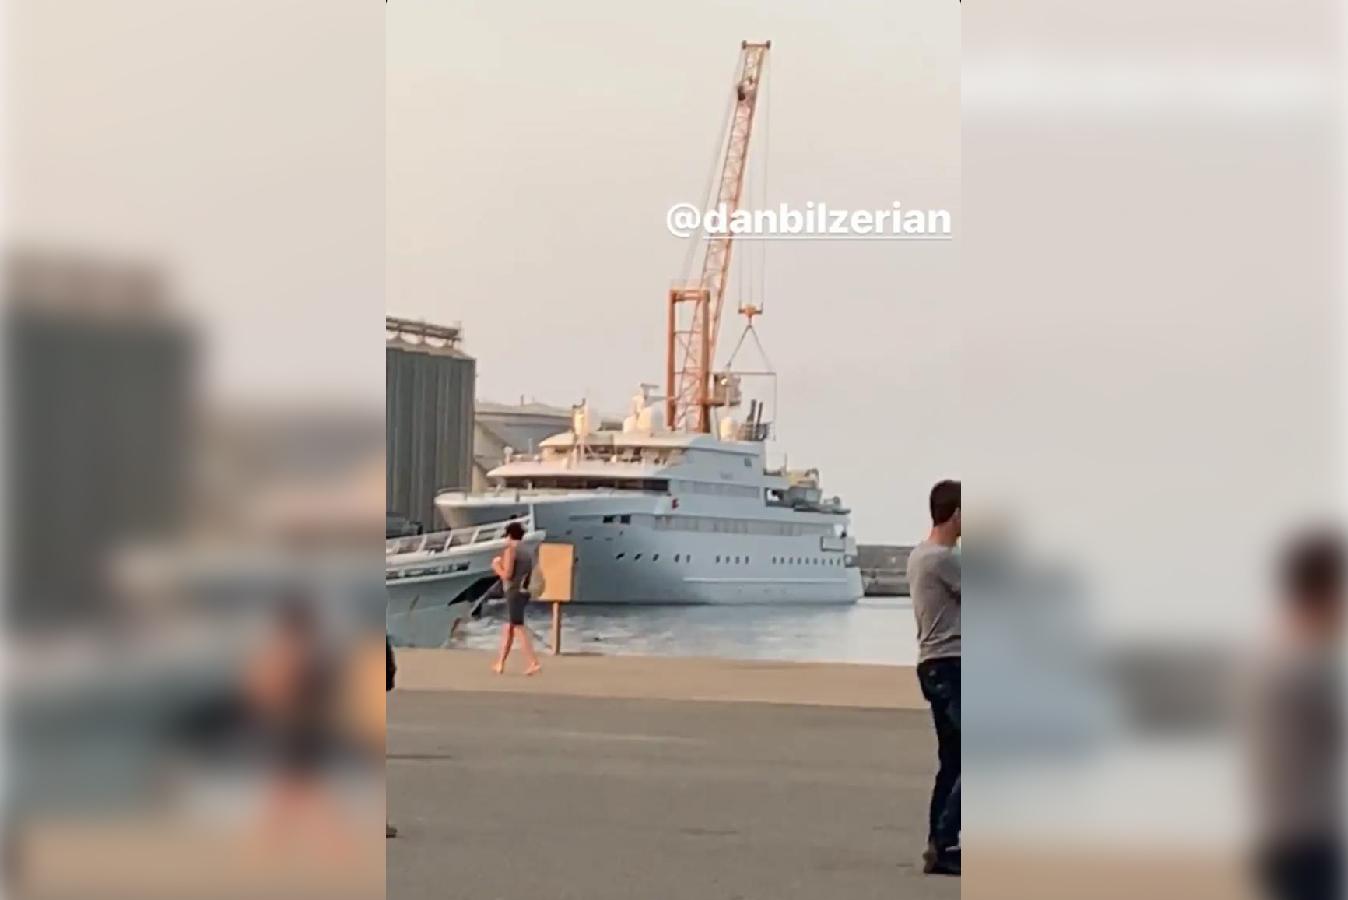 """Dan Bilzerian, il """"Re di instagram"""" a Vibo Marina  Il suo Yacht imponente attraccato al porto"""